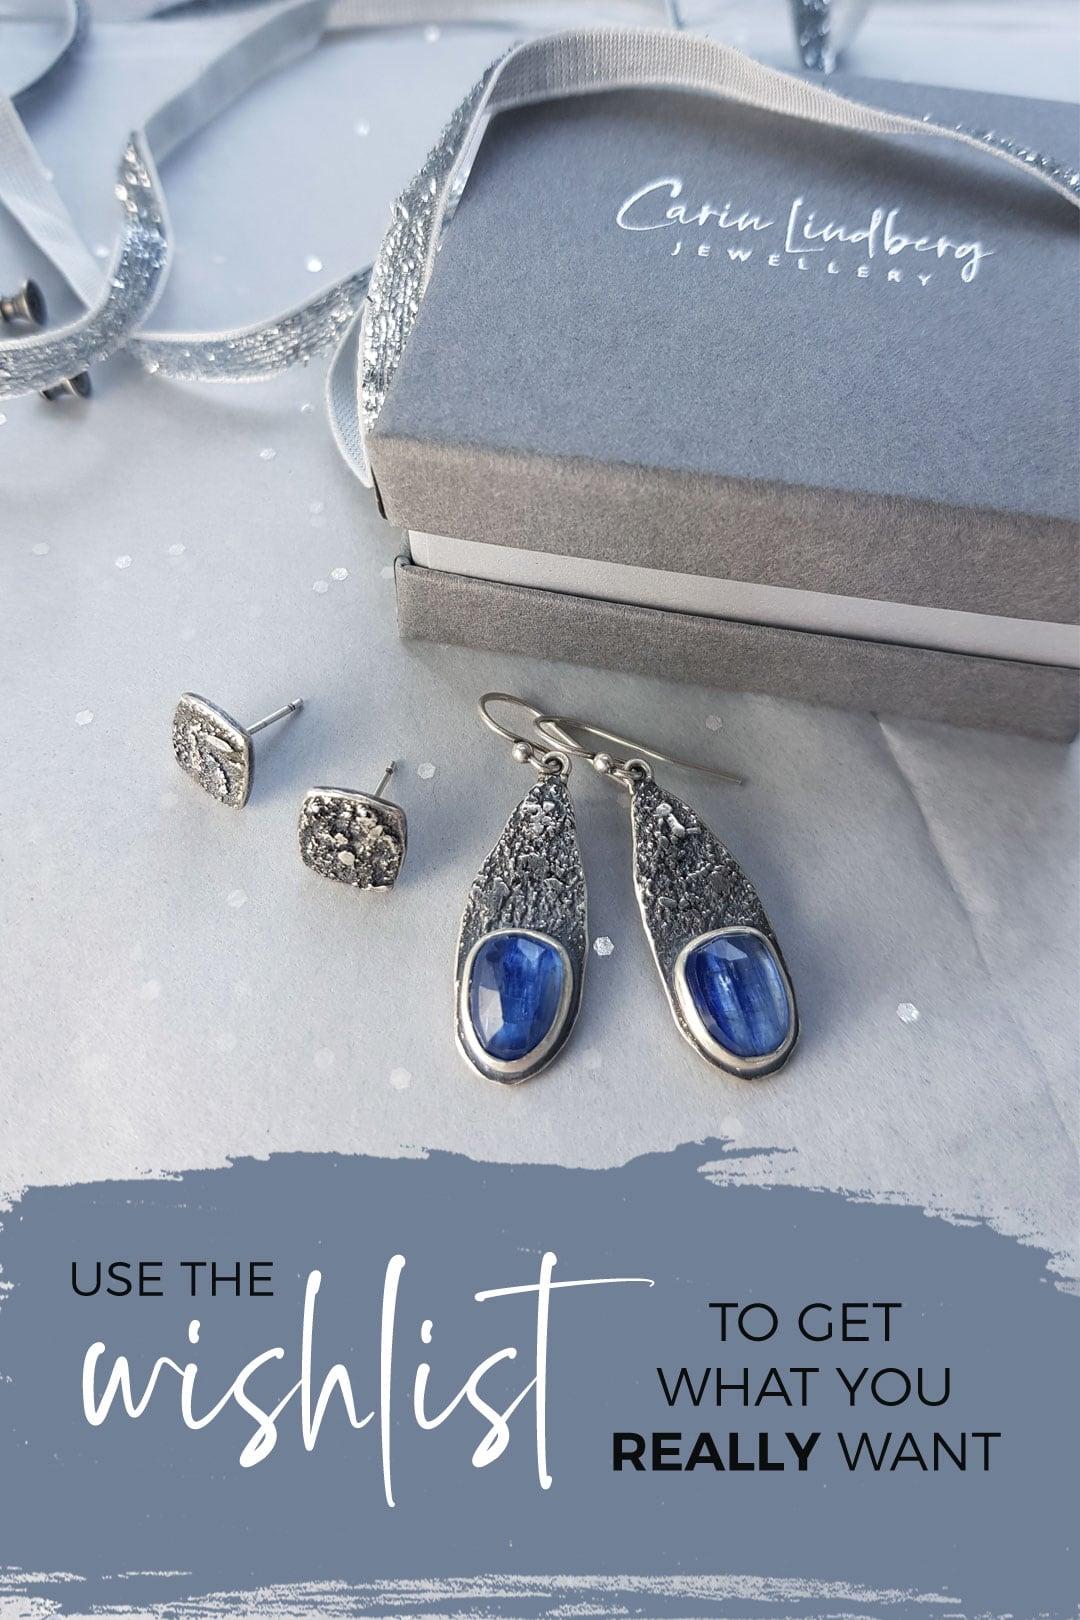 Make a jewellery wish list